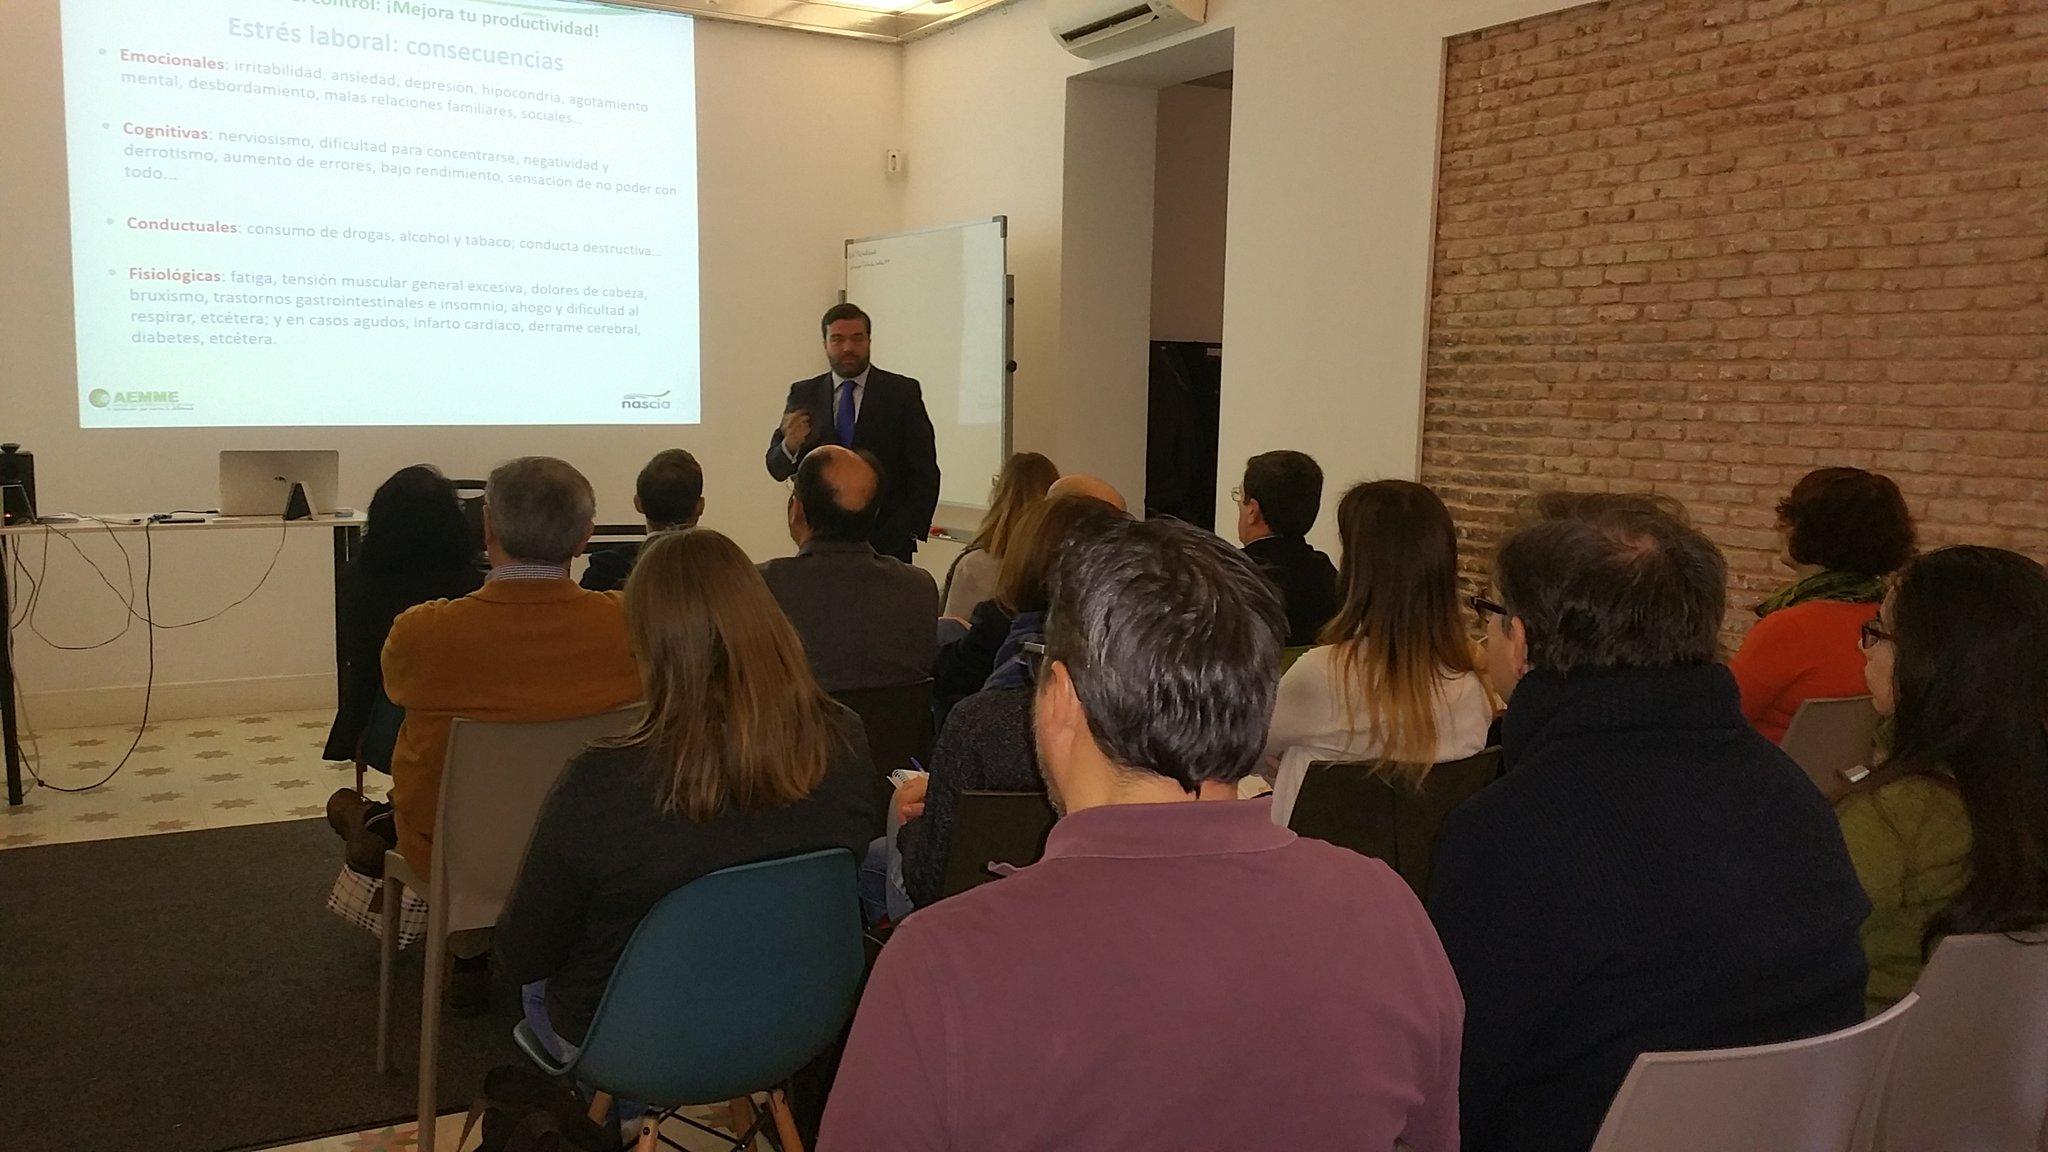 seminario sobre productividad